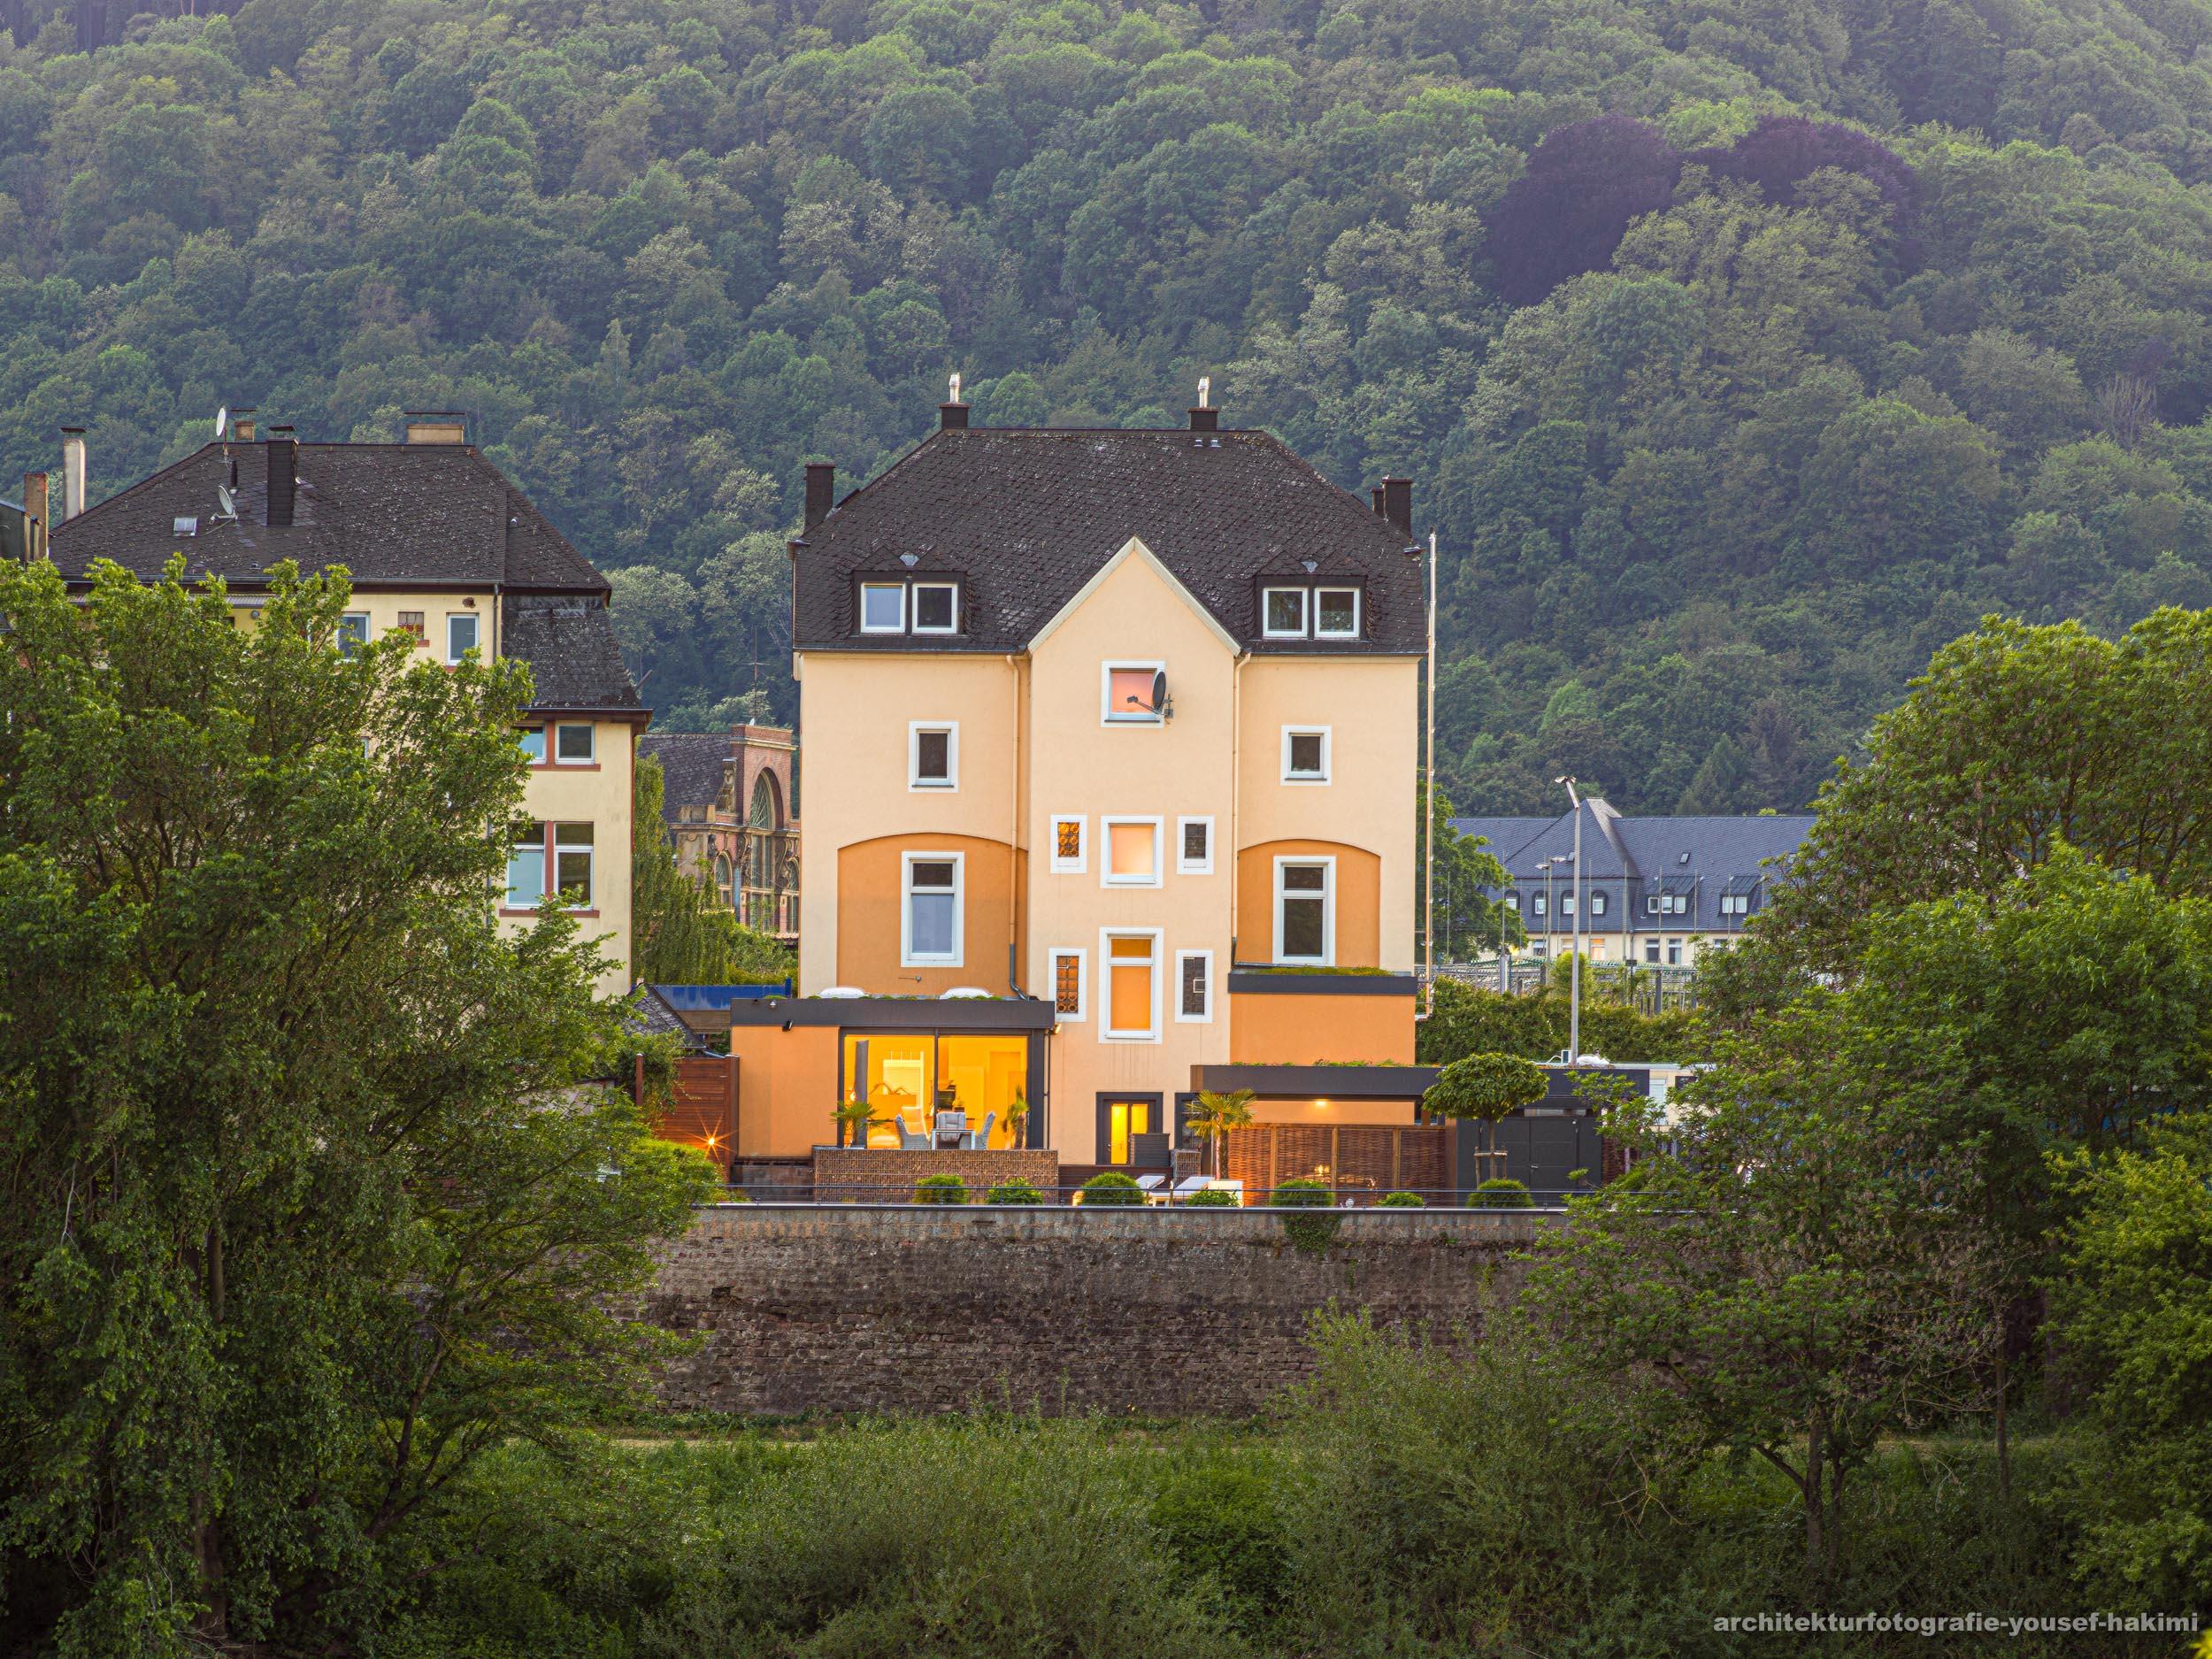 Immobilienfotografie von einem Objekt an der Mosel im Auftrag von Engel & Völkers